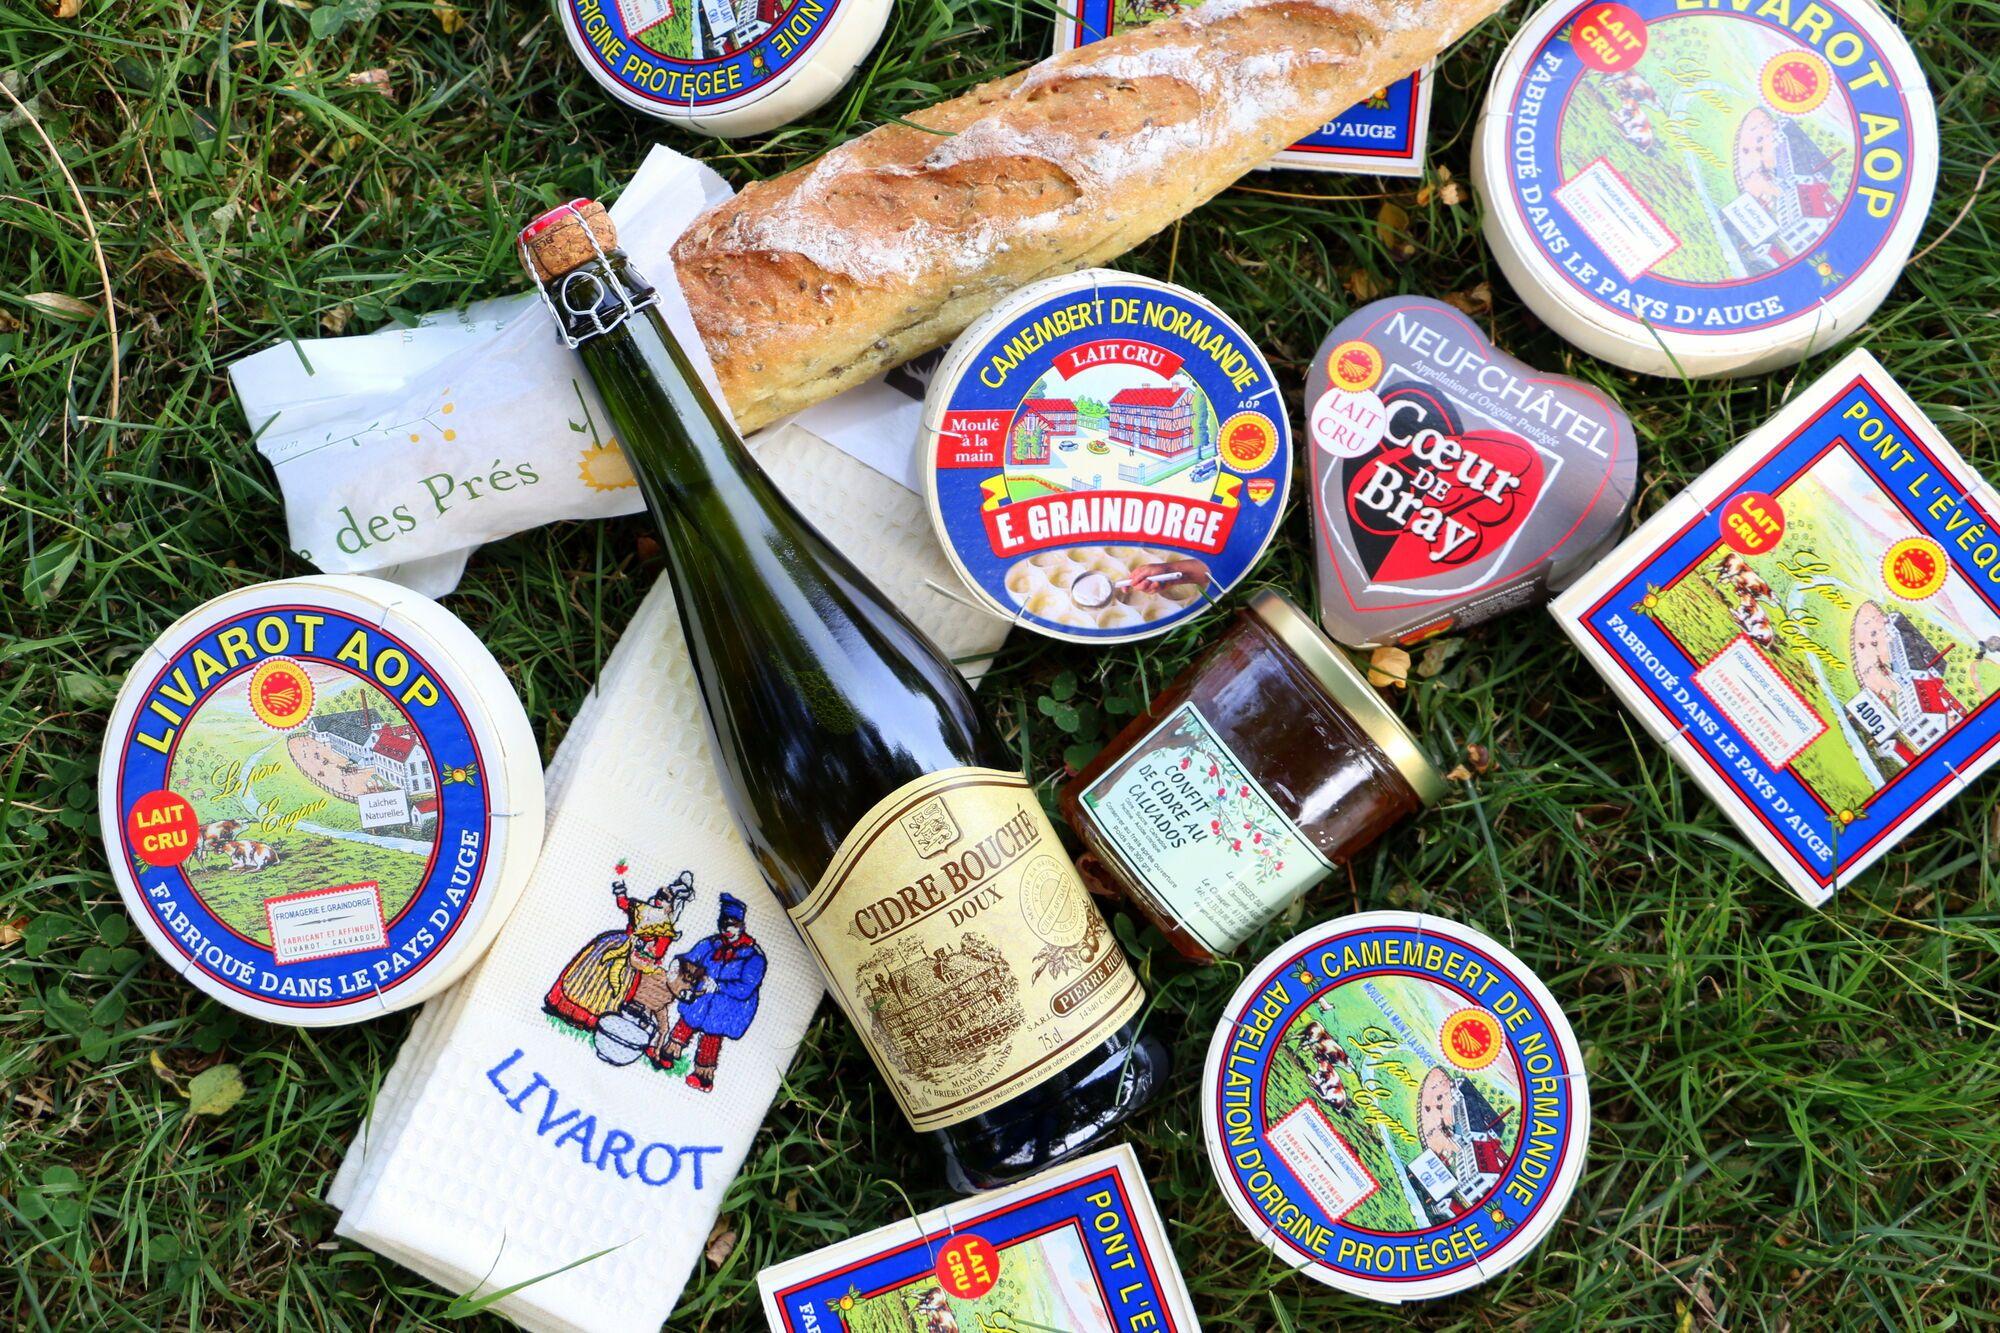 גבינות של E.GRAINDORGE עם קלבדוס ועוד אוכל מקומי